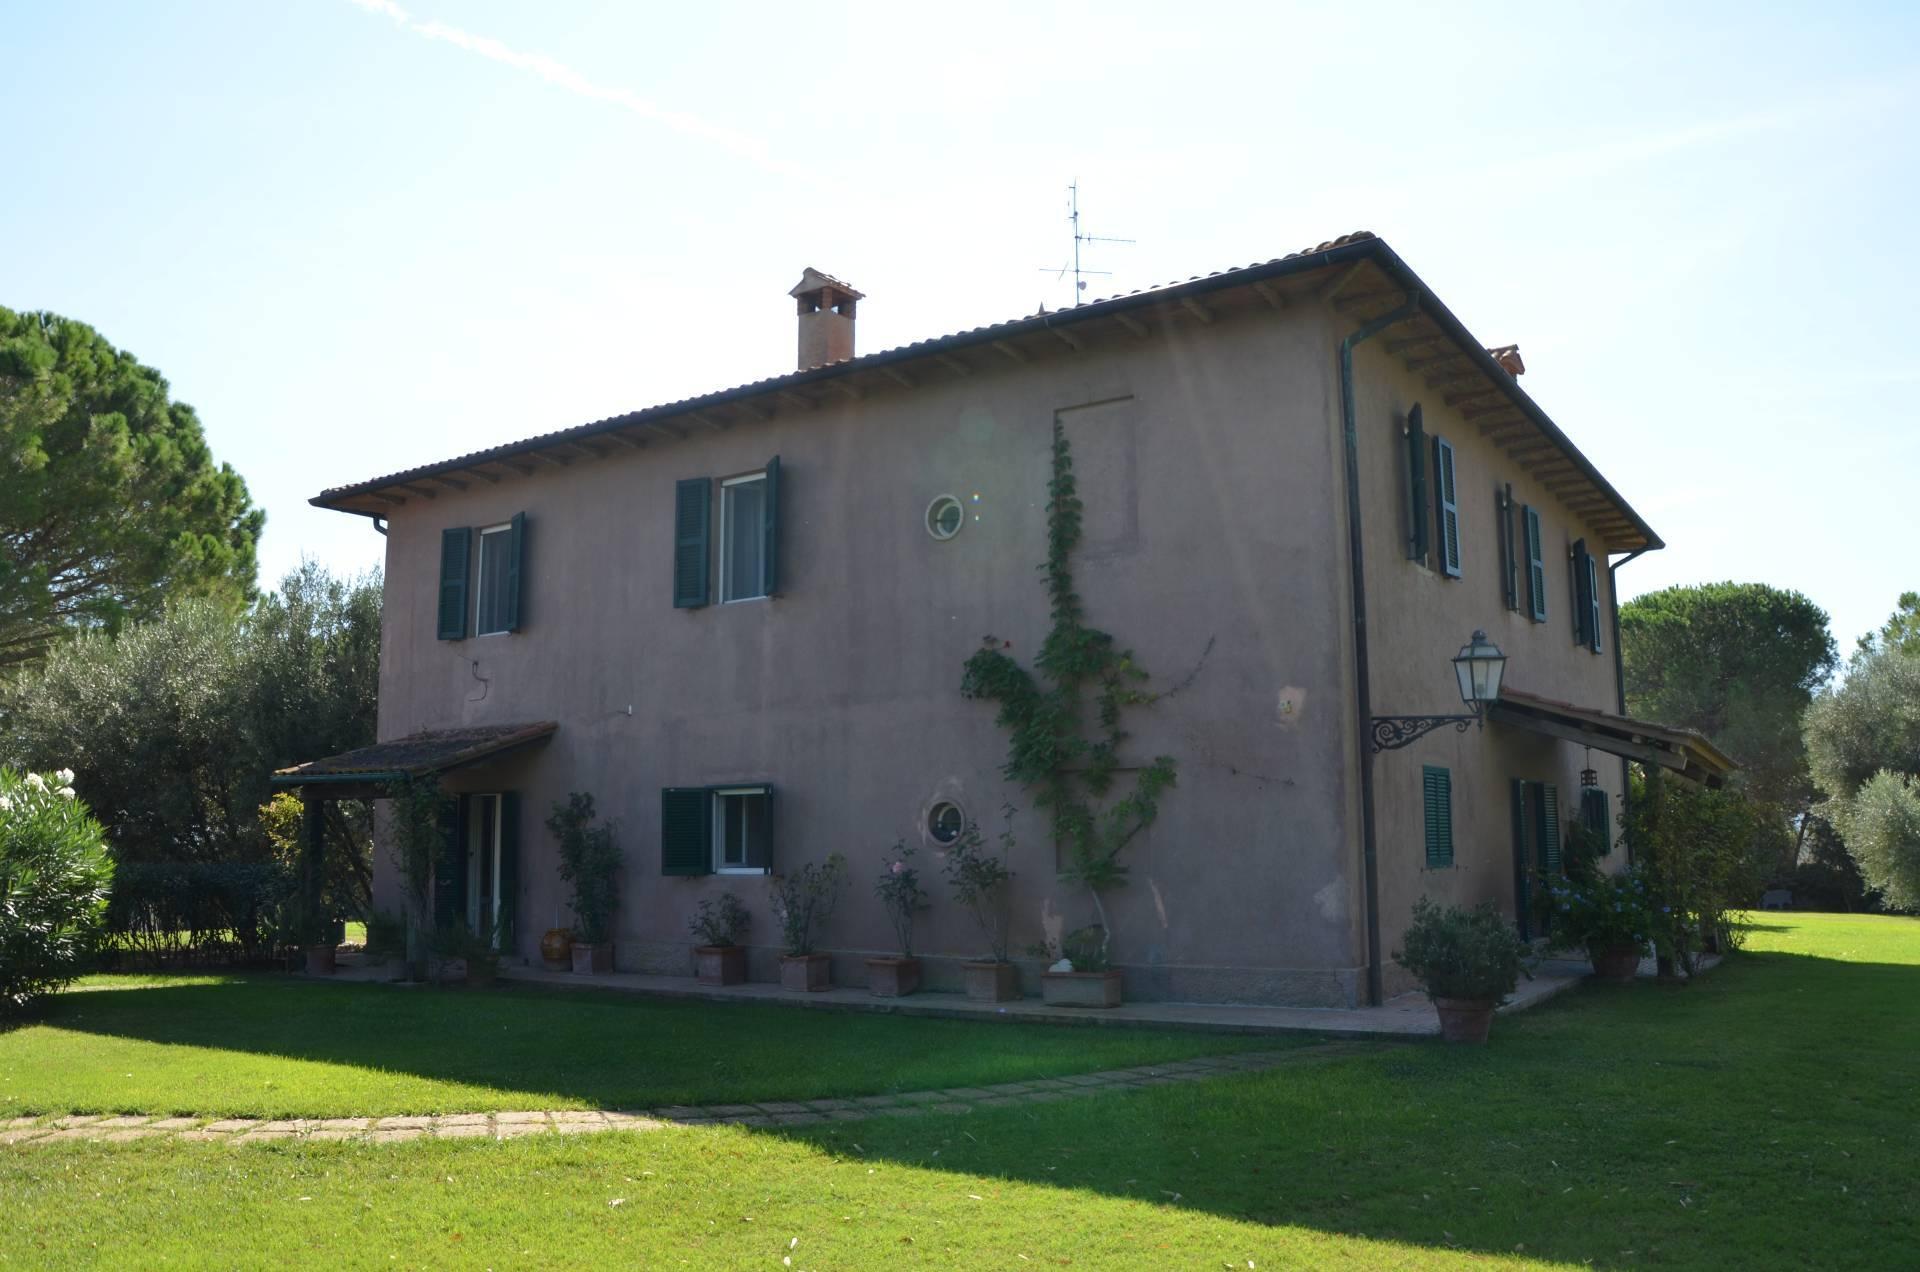 In Affitto a Magliano in Toscana Villa